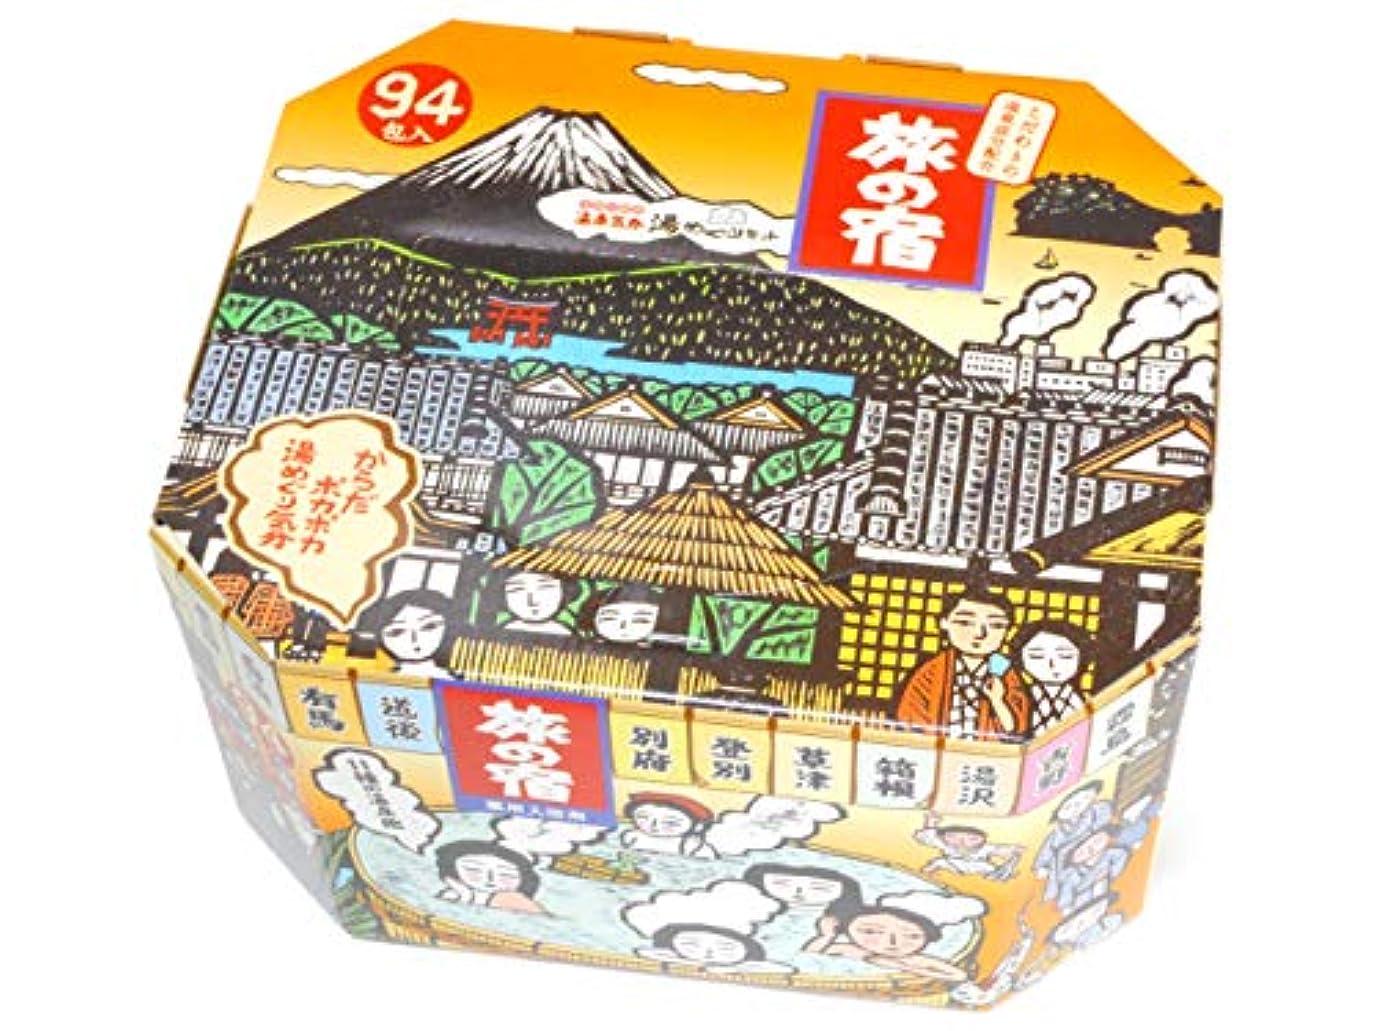 ストラップ勝利不器用旅の宿(薬用入浴剤) (94包入)